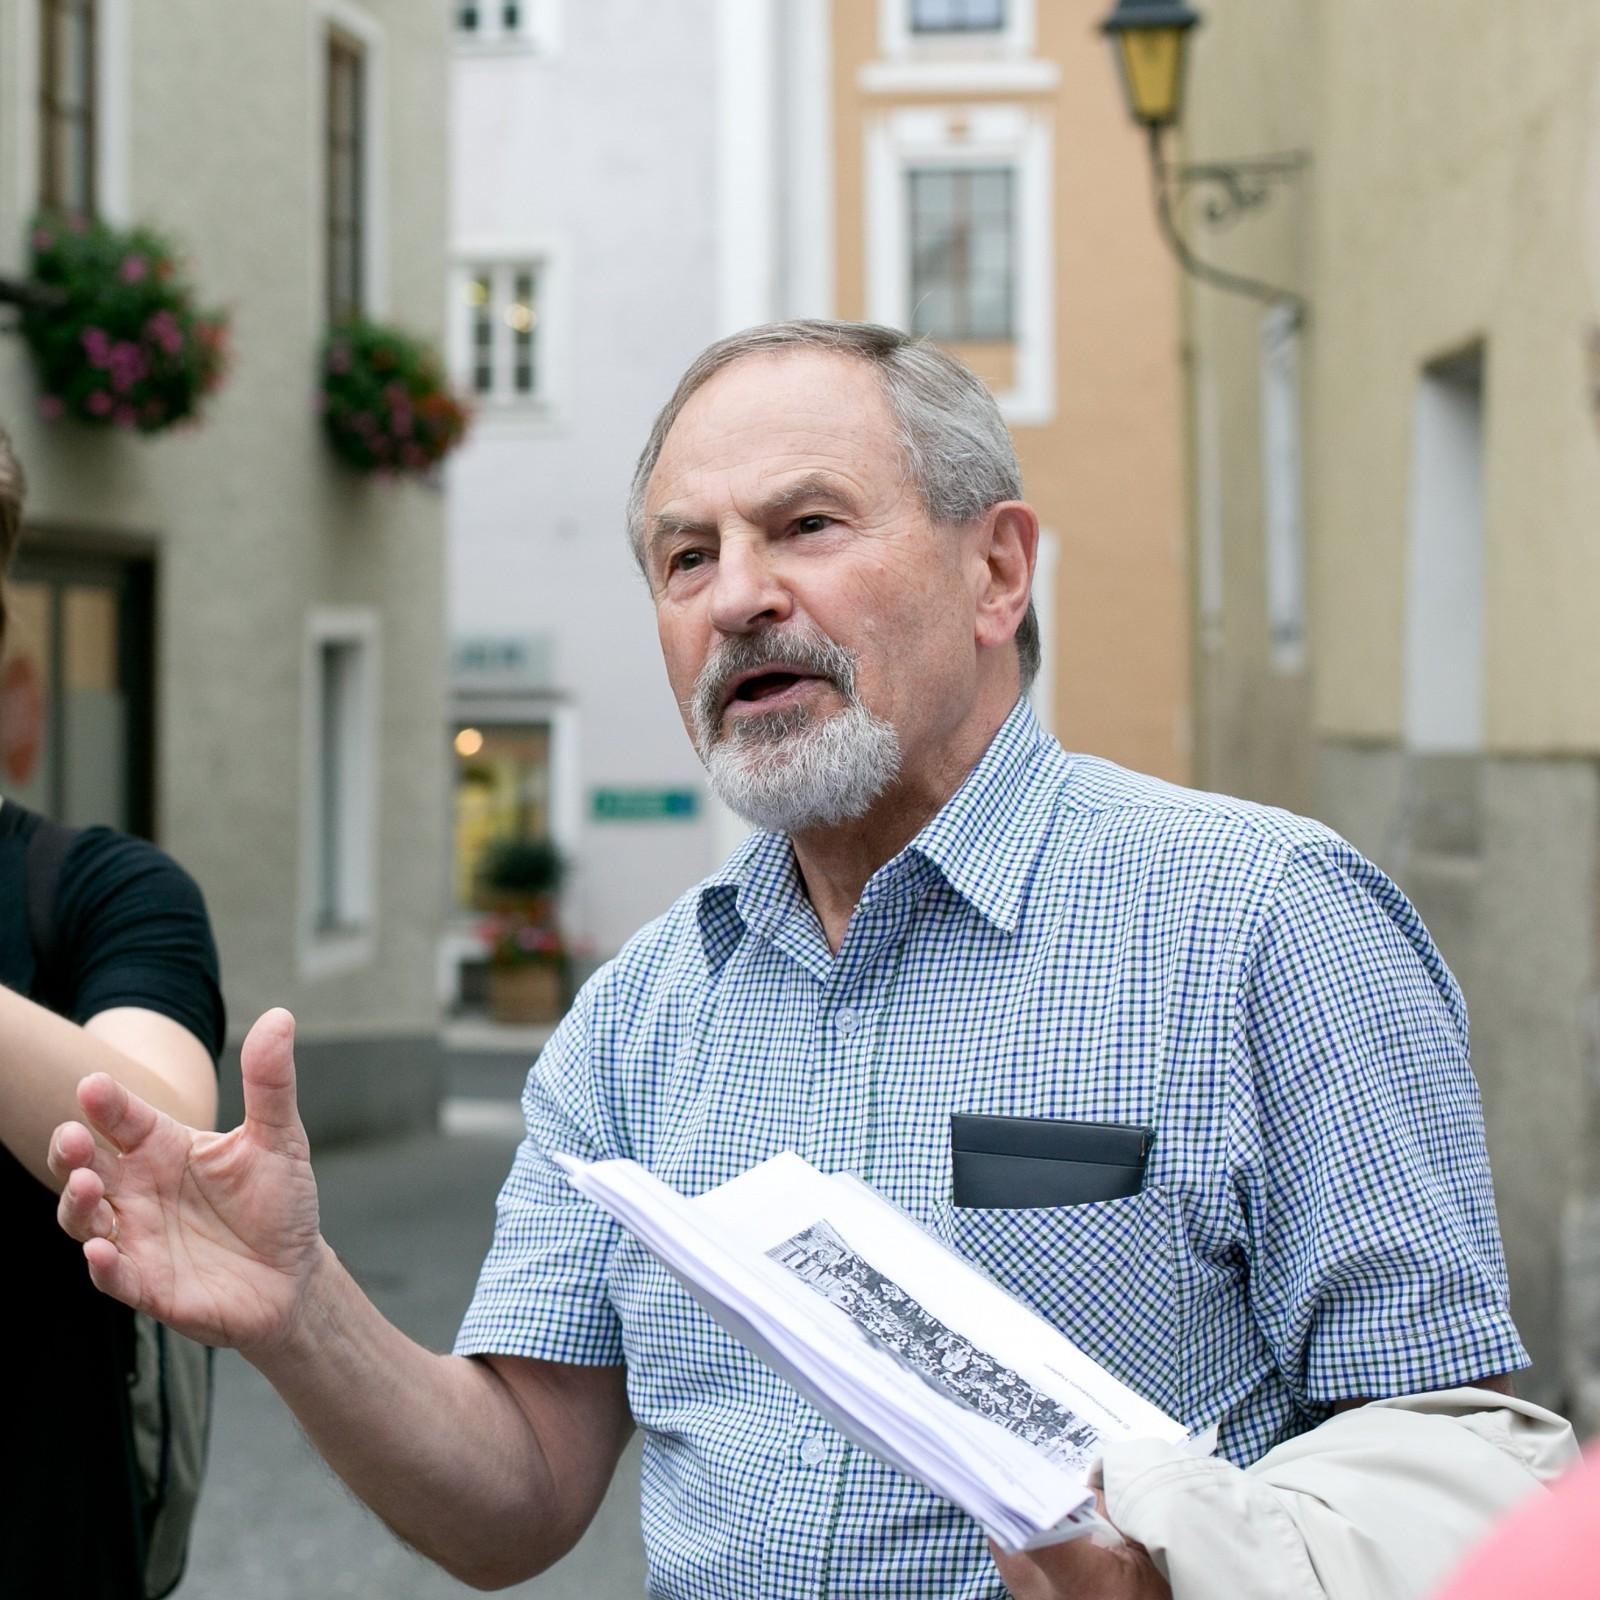 Professor Wintersteller begleitet einige der Stadtführungen des Aktivprogramms.